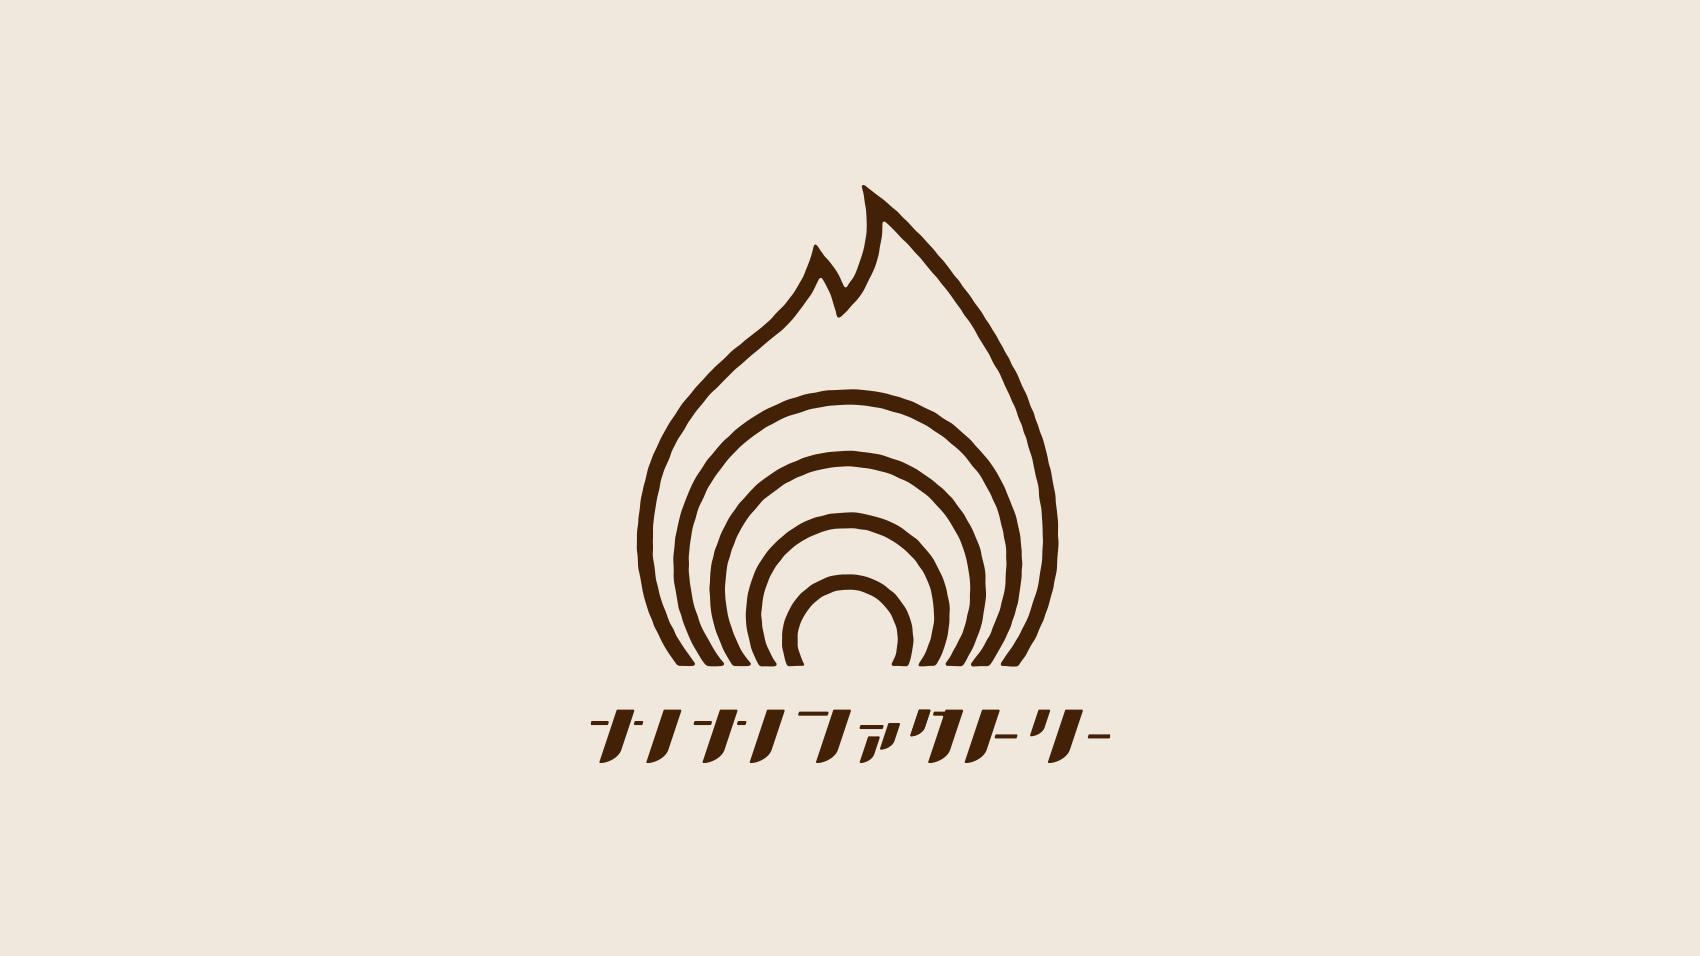 シンプルに思いを伝える。ナノナノファクトリーのロゴデザイン